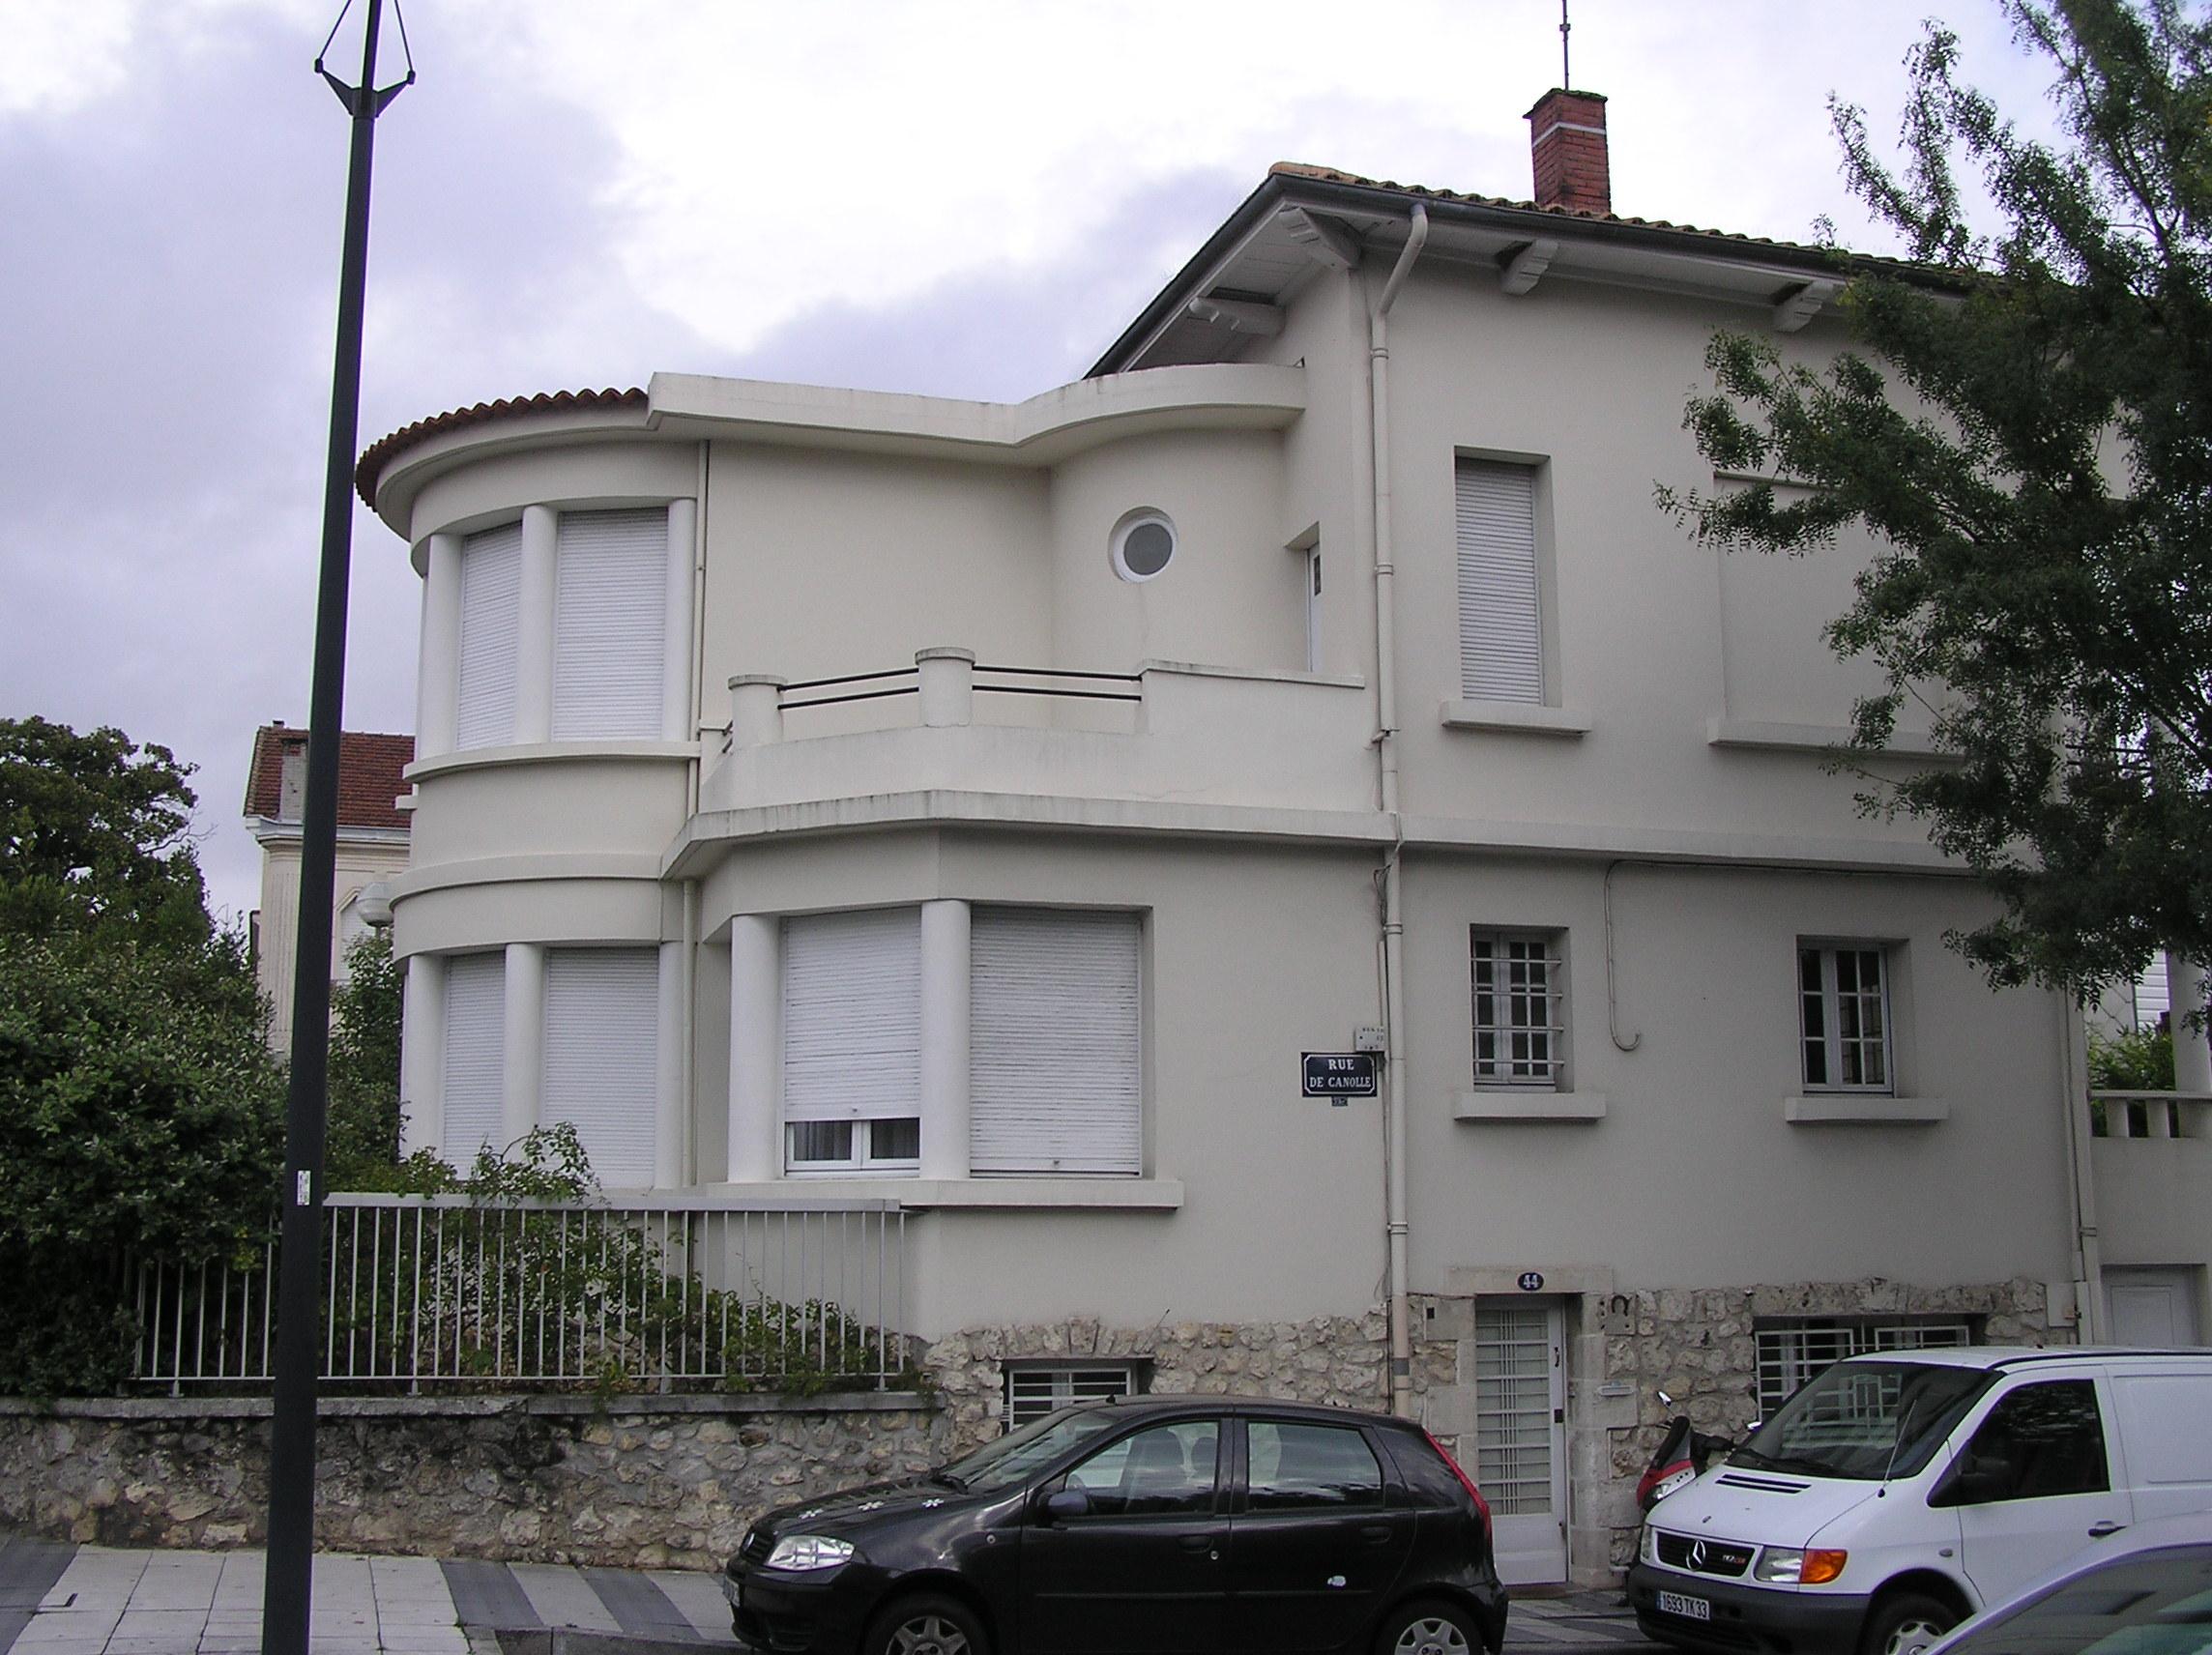 Monuments et lieux touristiques de bordeaux for Art maison deco